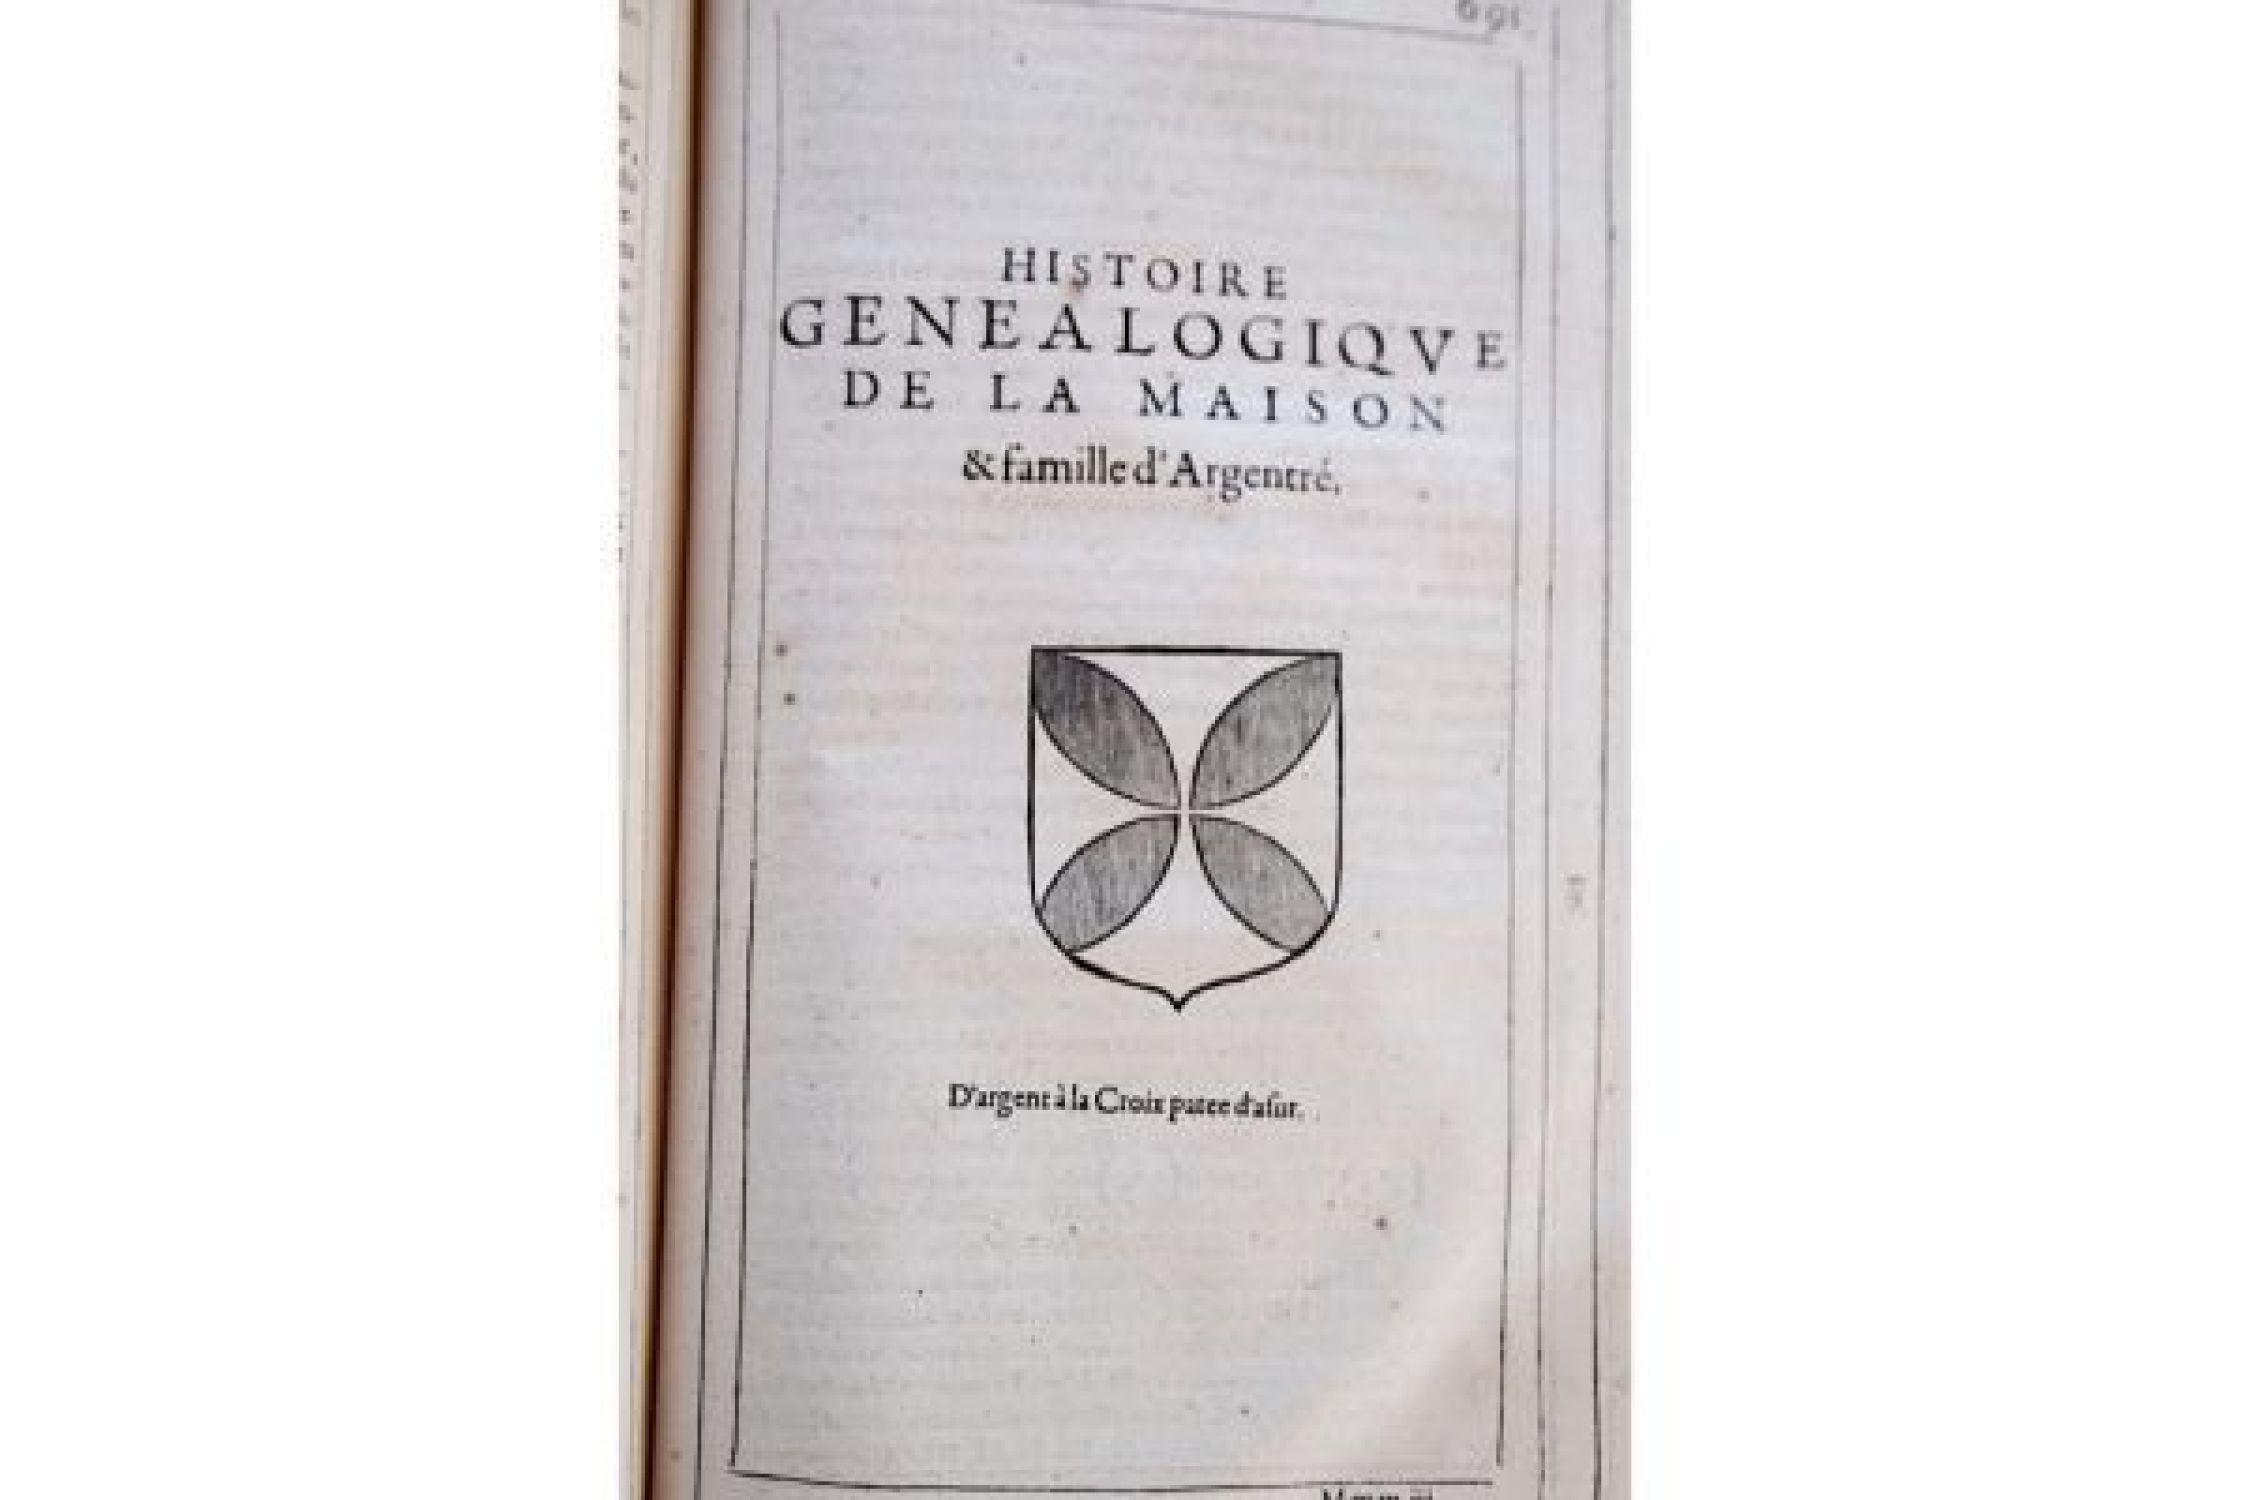 Du paz histoire genealogique de plusieurs maisons for Origine du mot maison